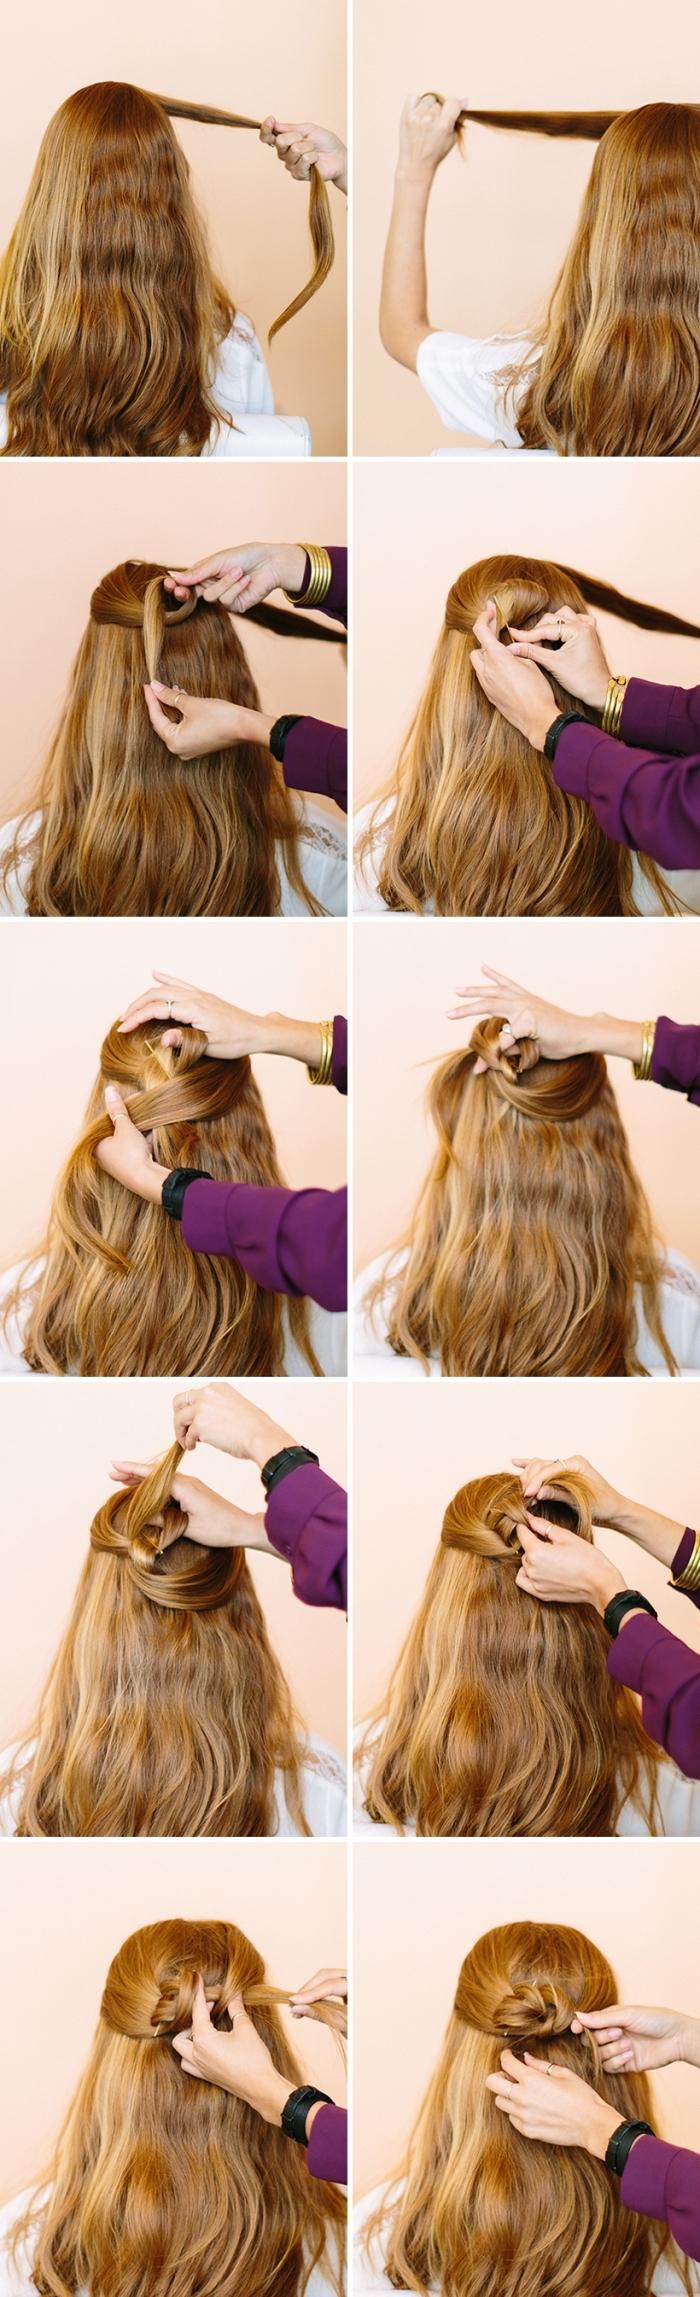 une coiffure féminine avec les mèches de côté, mèches entortillées en arrière de la tête pour en faire une rose de cheveux